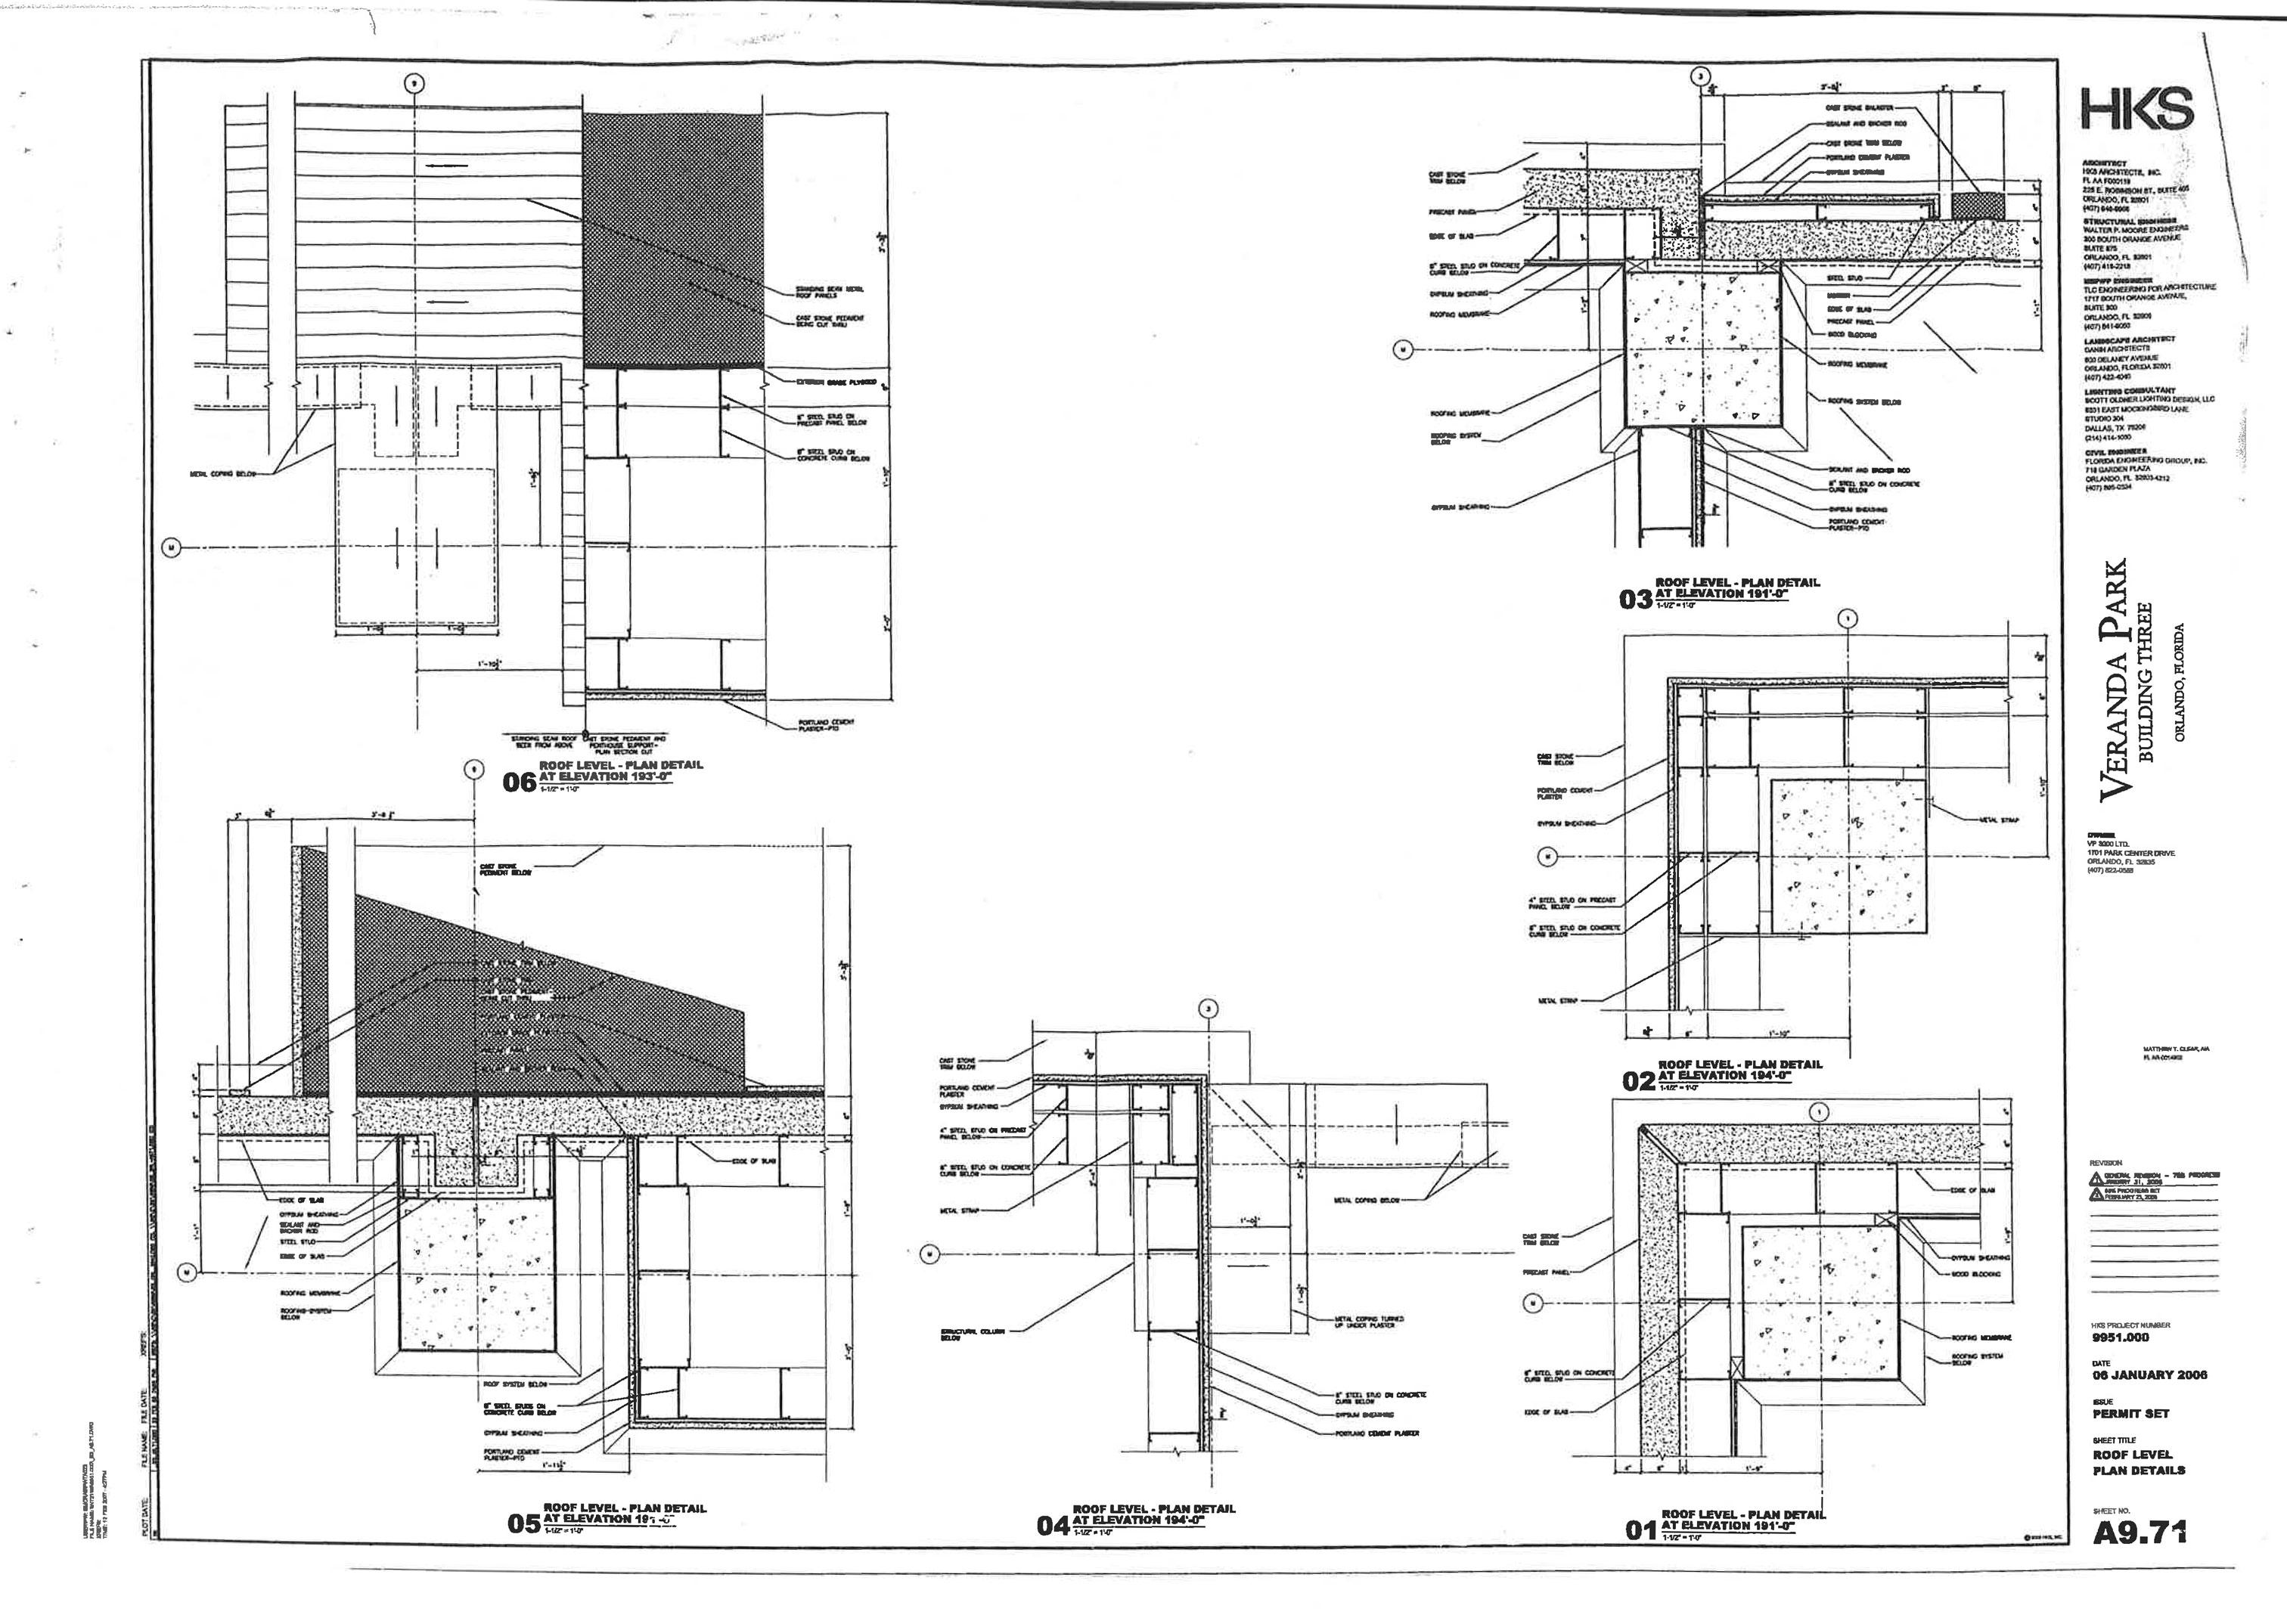 Residential Condo Complex Permit Set Nathalie J Siegel